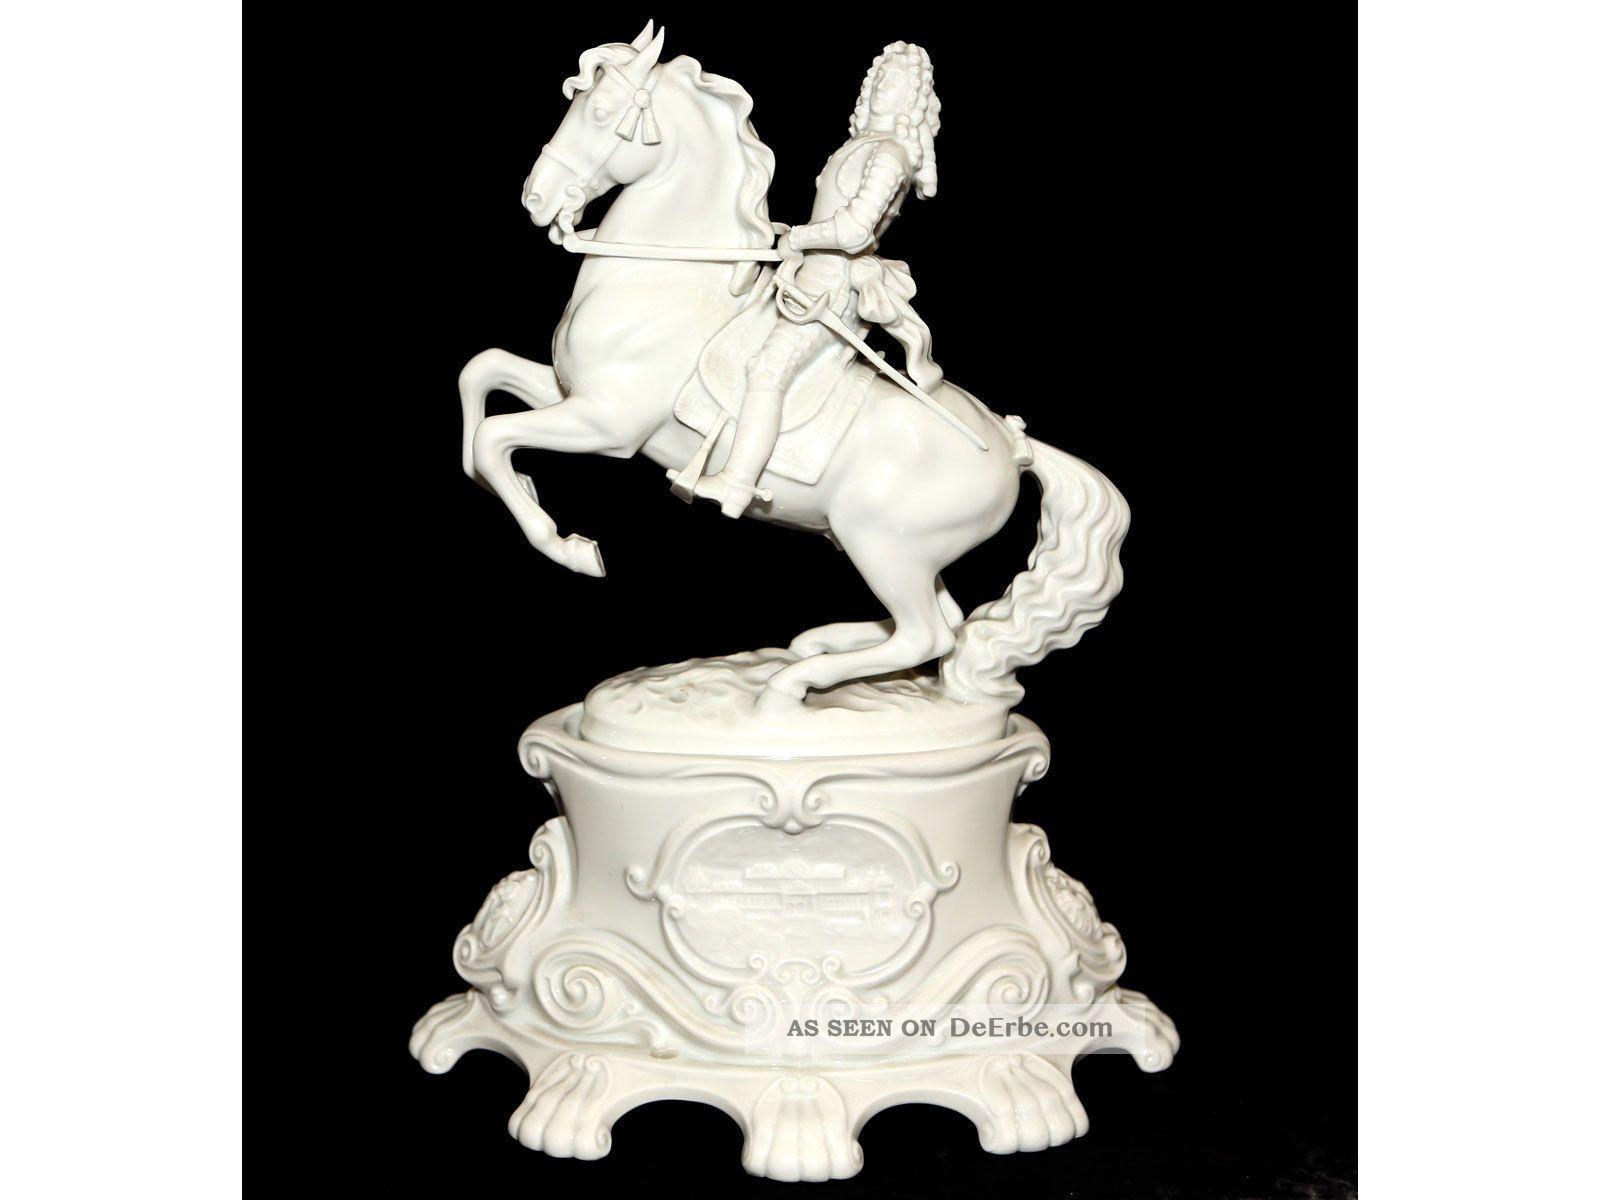 antike porzellan figur prinz eugen am pferd auf podest manufaktur augarten. Black Bedroom Furniture Sets. Home Design Ideas